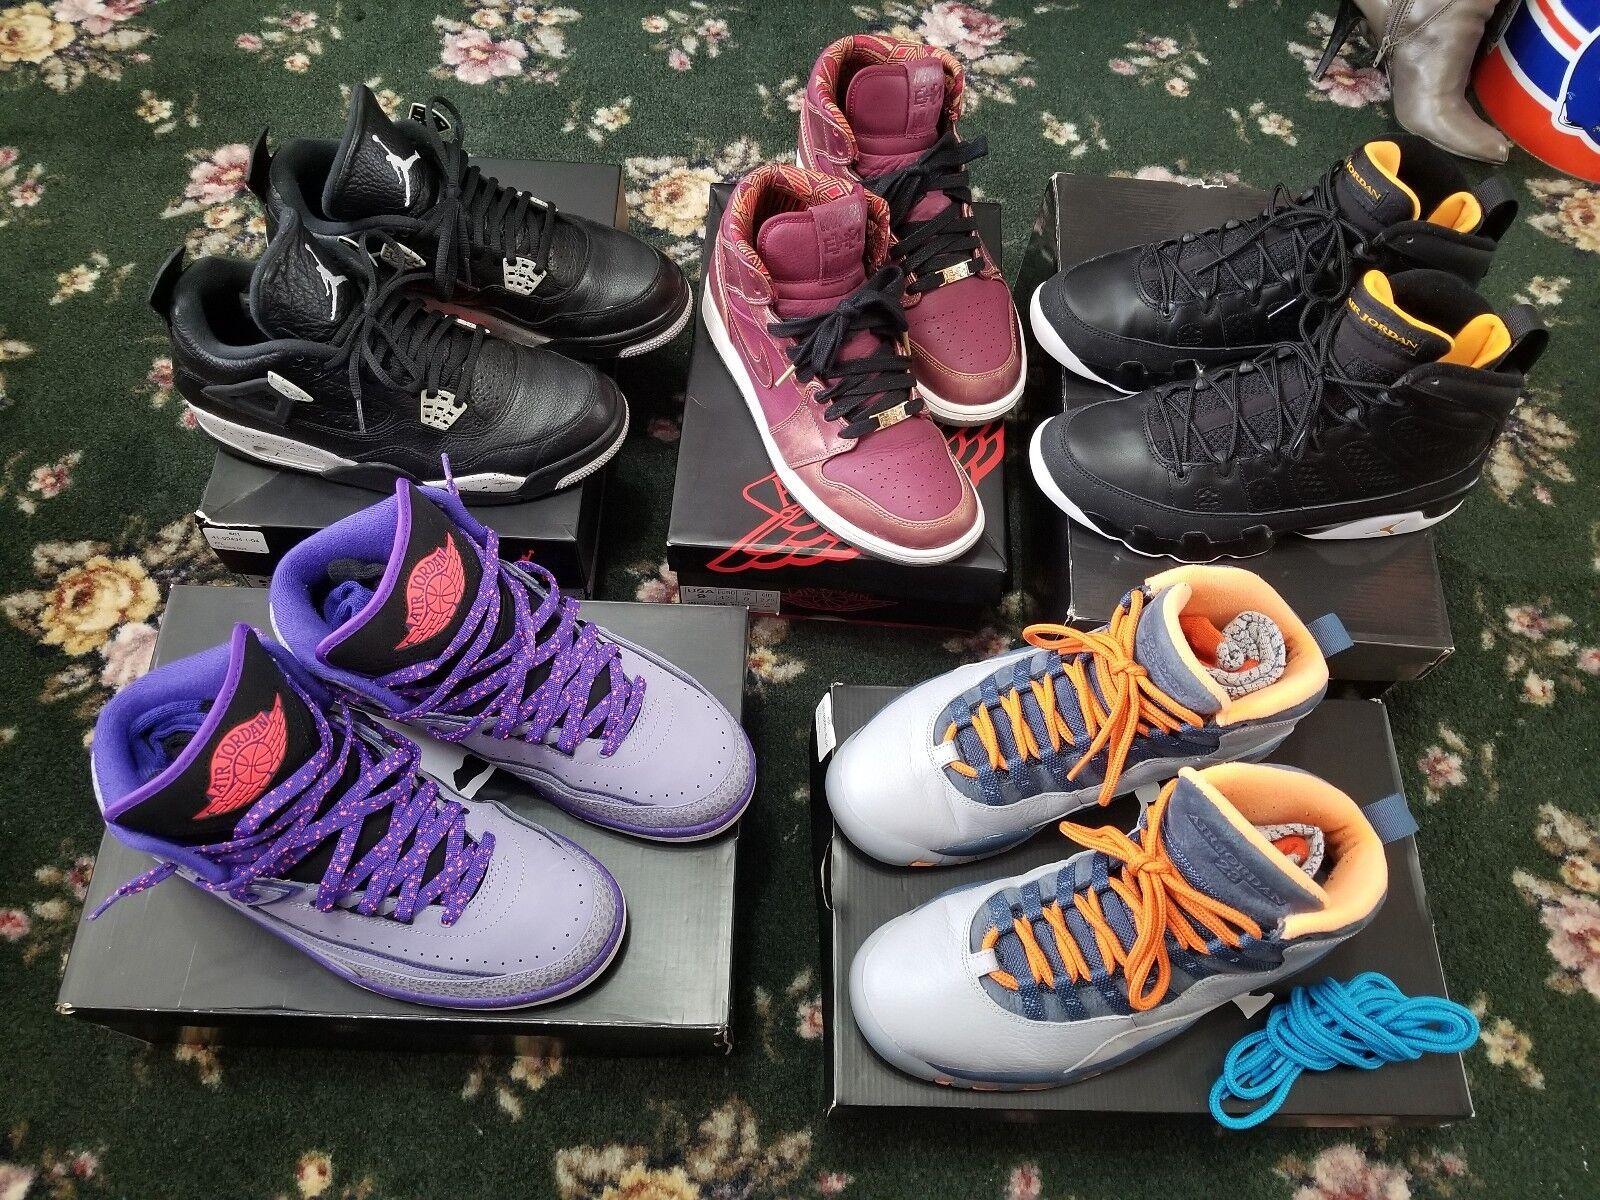 Nike air jordan retrò ii iv ix x db bin yeezy xi nmd 41